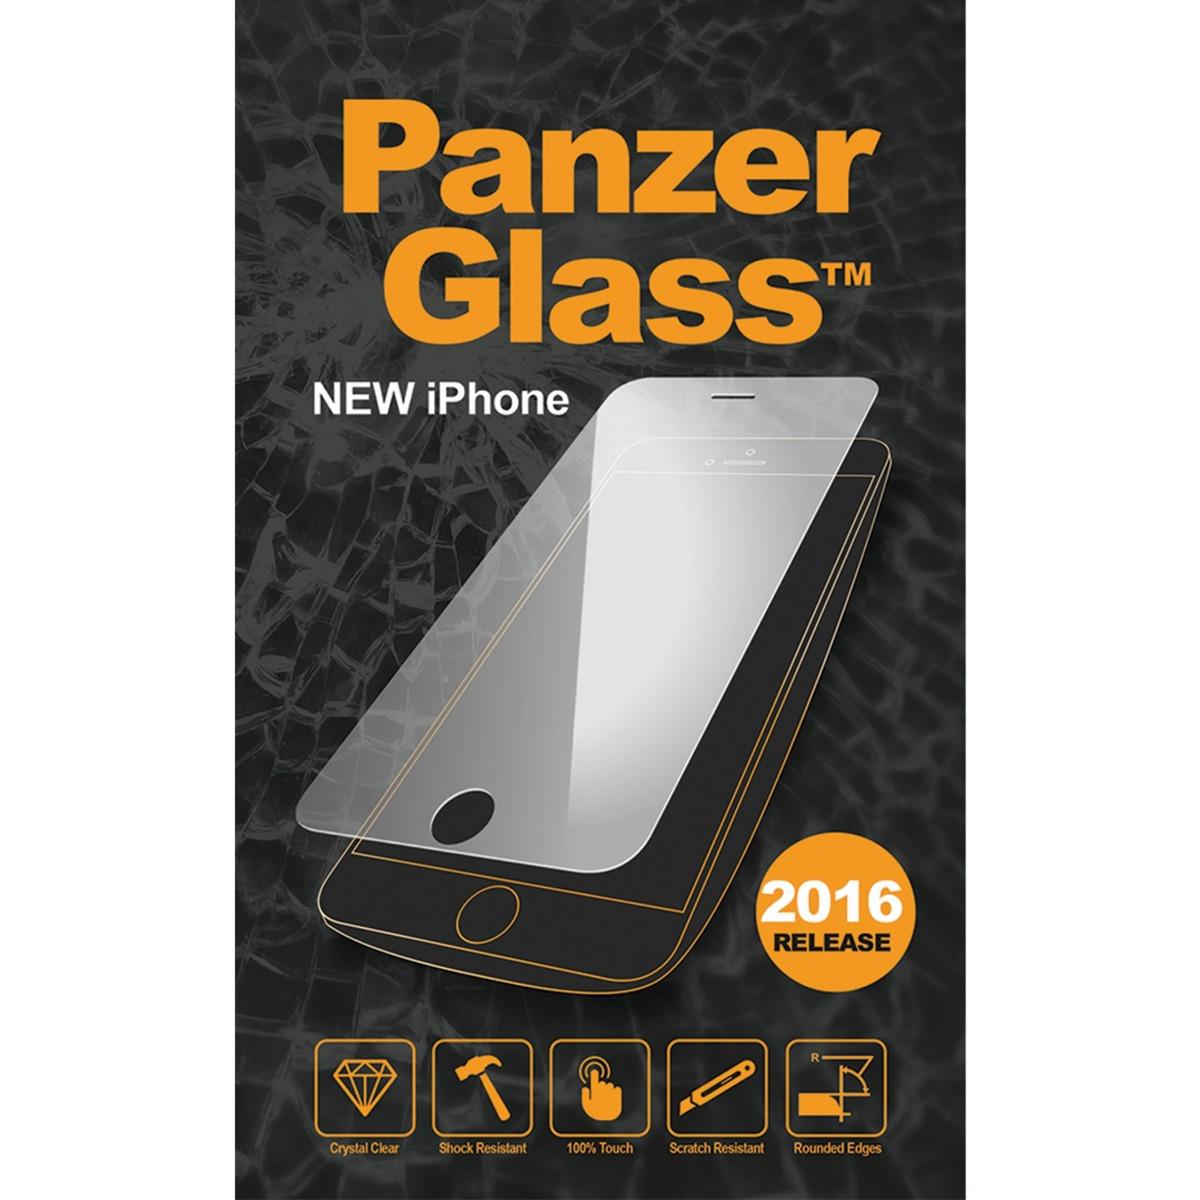 2003 protector de pantalla Teléfono móvil/smartphone Apple 1 pieza(s), Película protectora